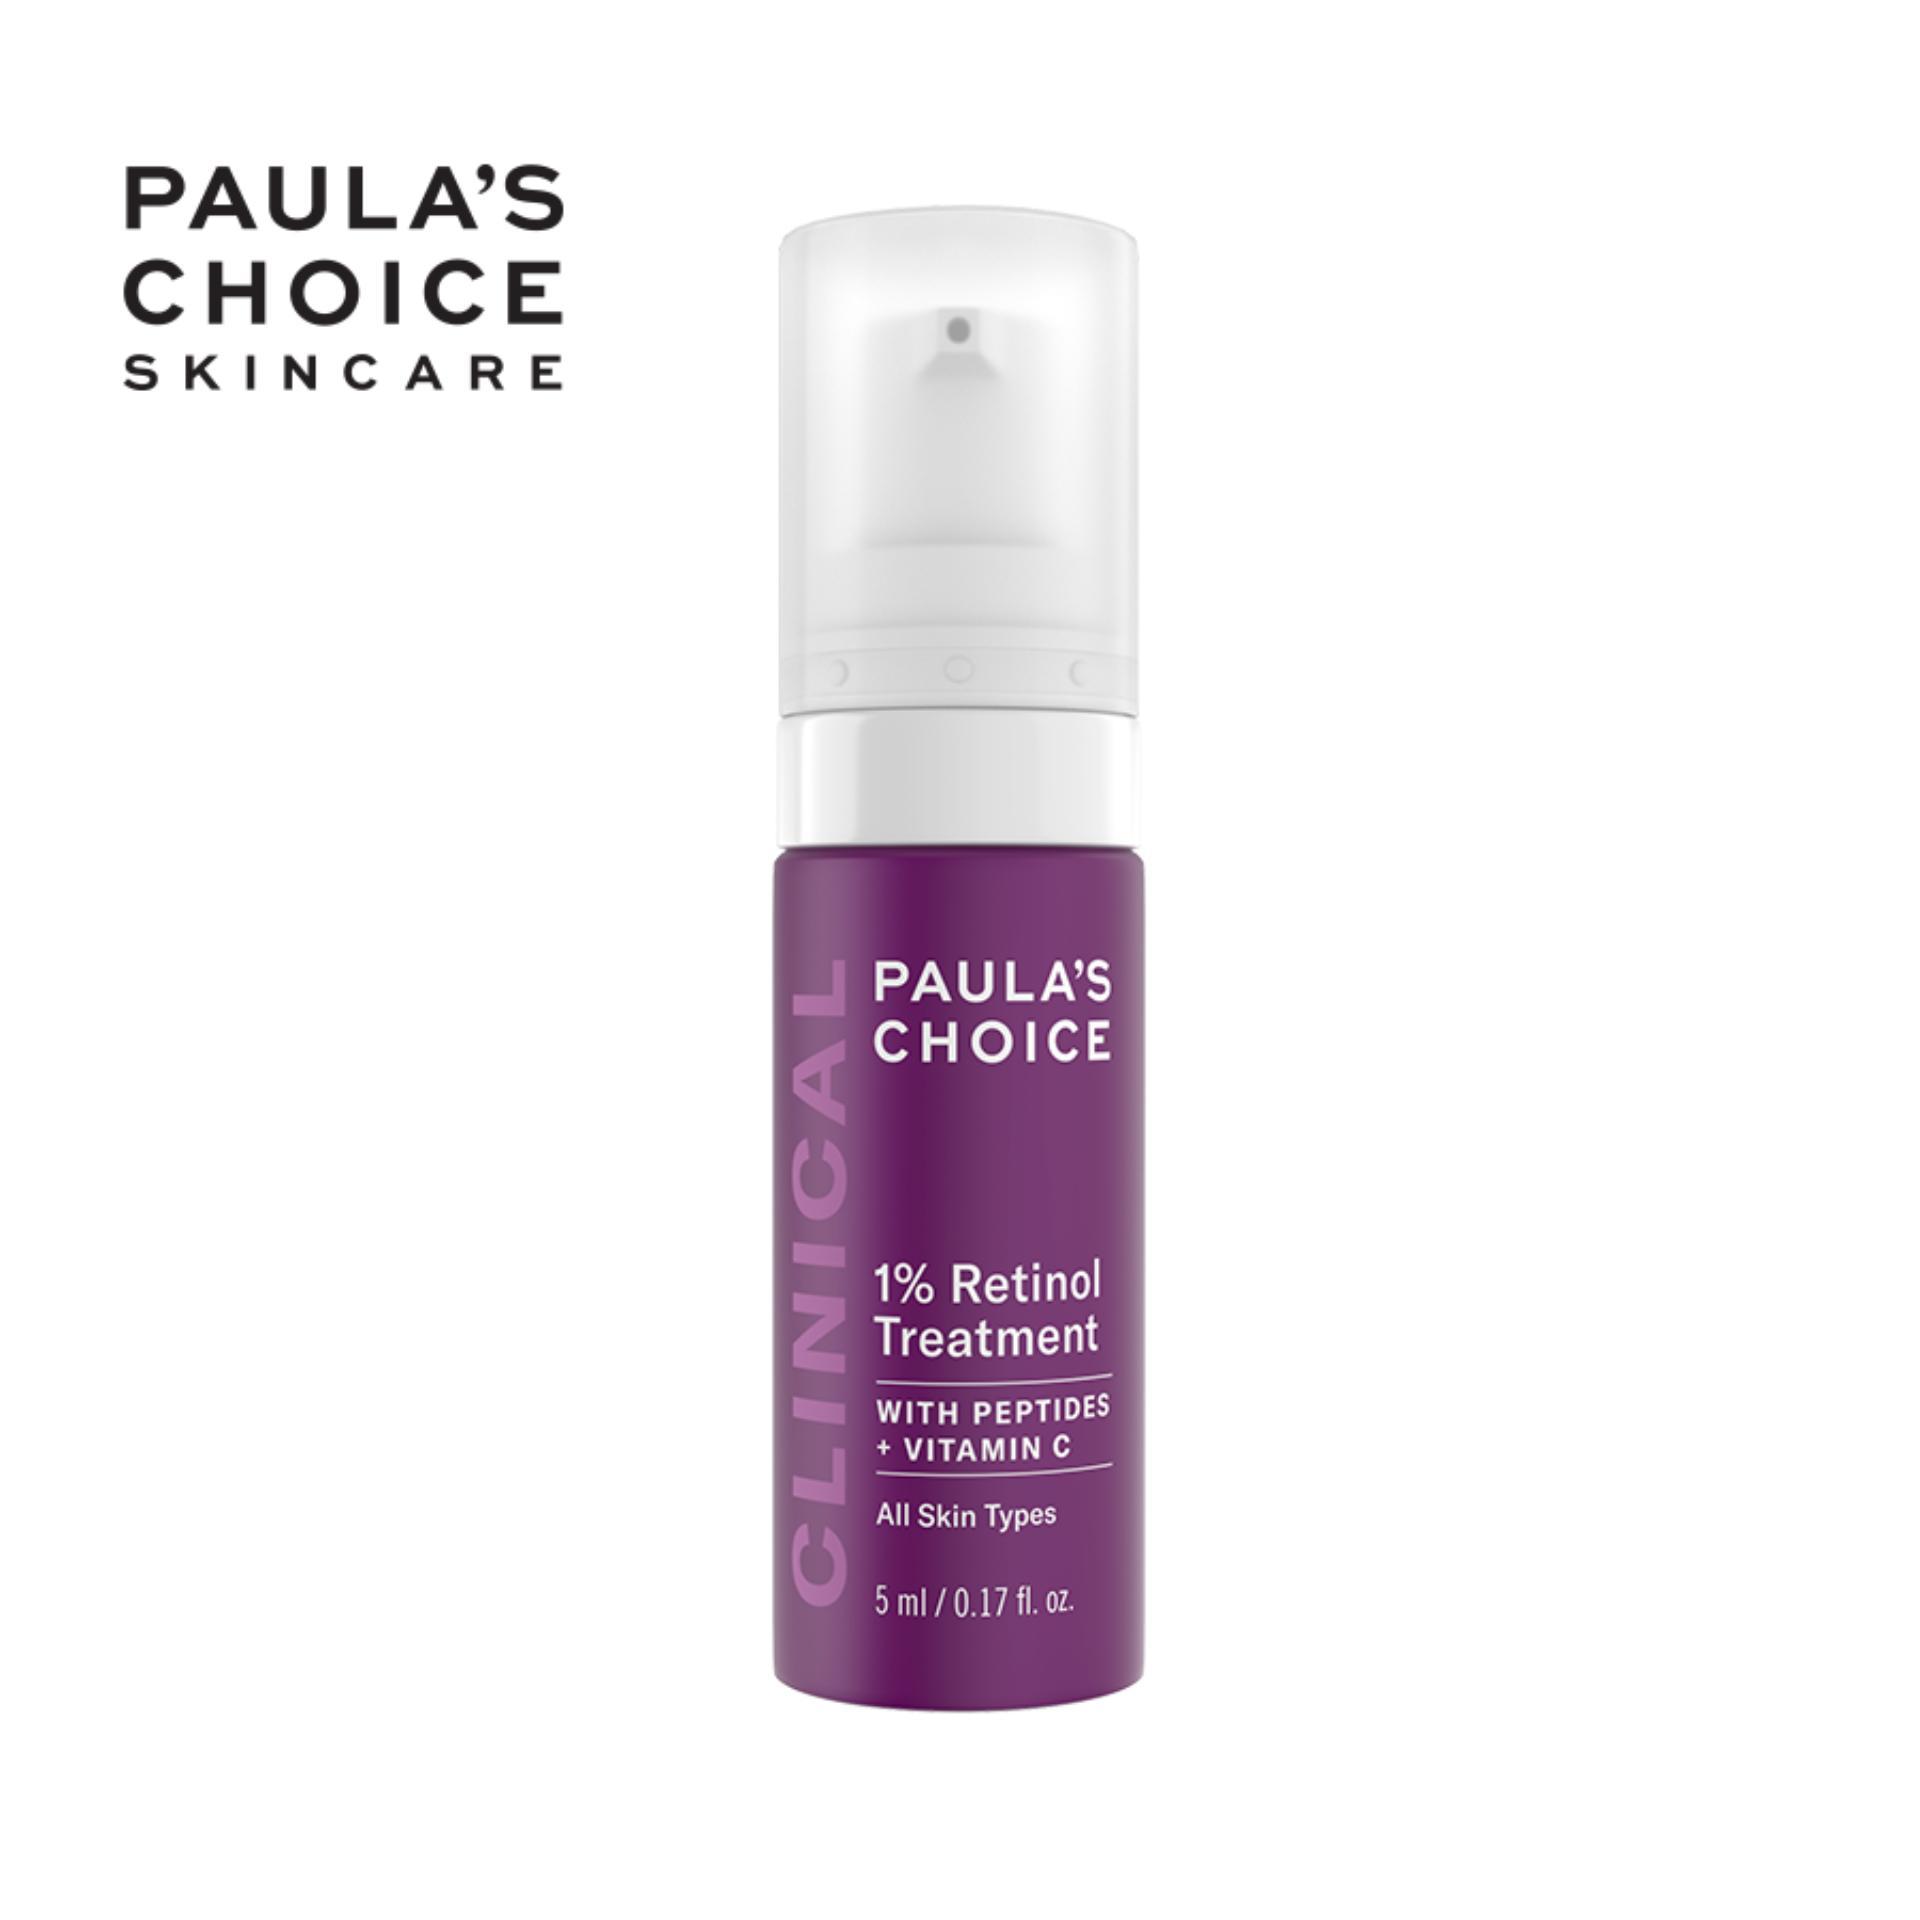 Tinh chất chống nám và nếp nhăn Paula's Choice Clinical 1% Retinol Treatment 5ml nhập khẩu